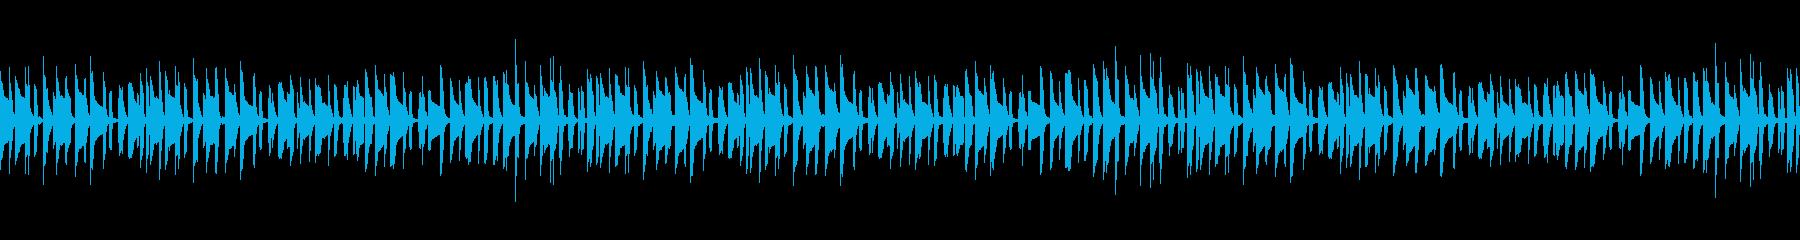 ほのぼのした雰囲気のかわいい日常系BGMの再生済みの波形